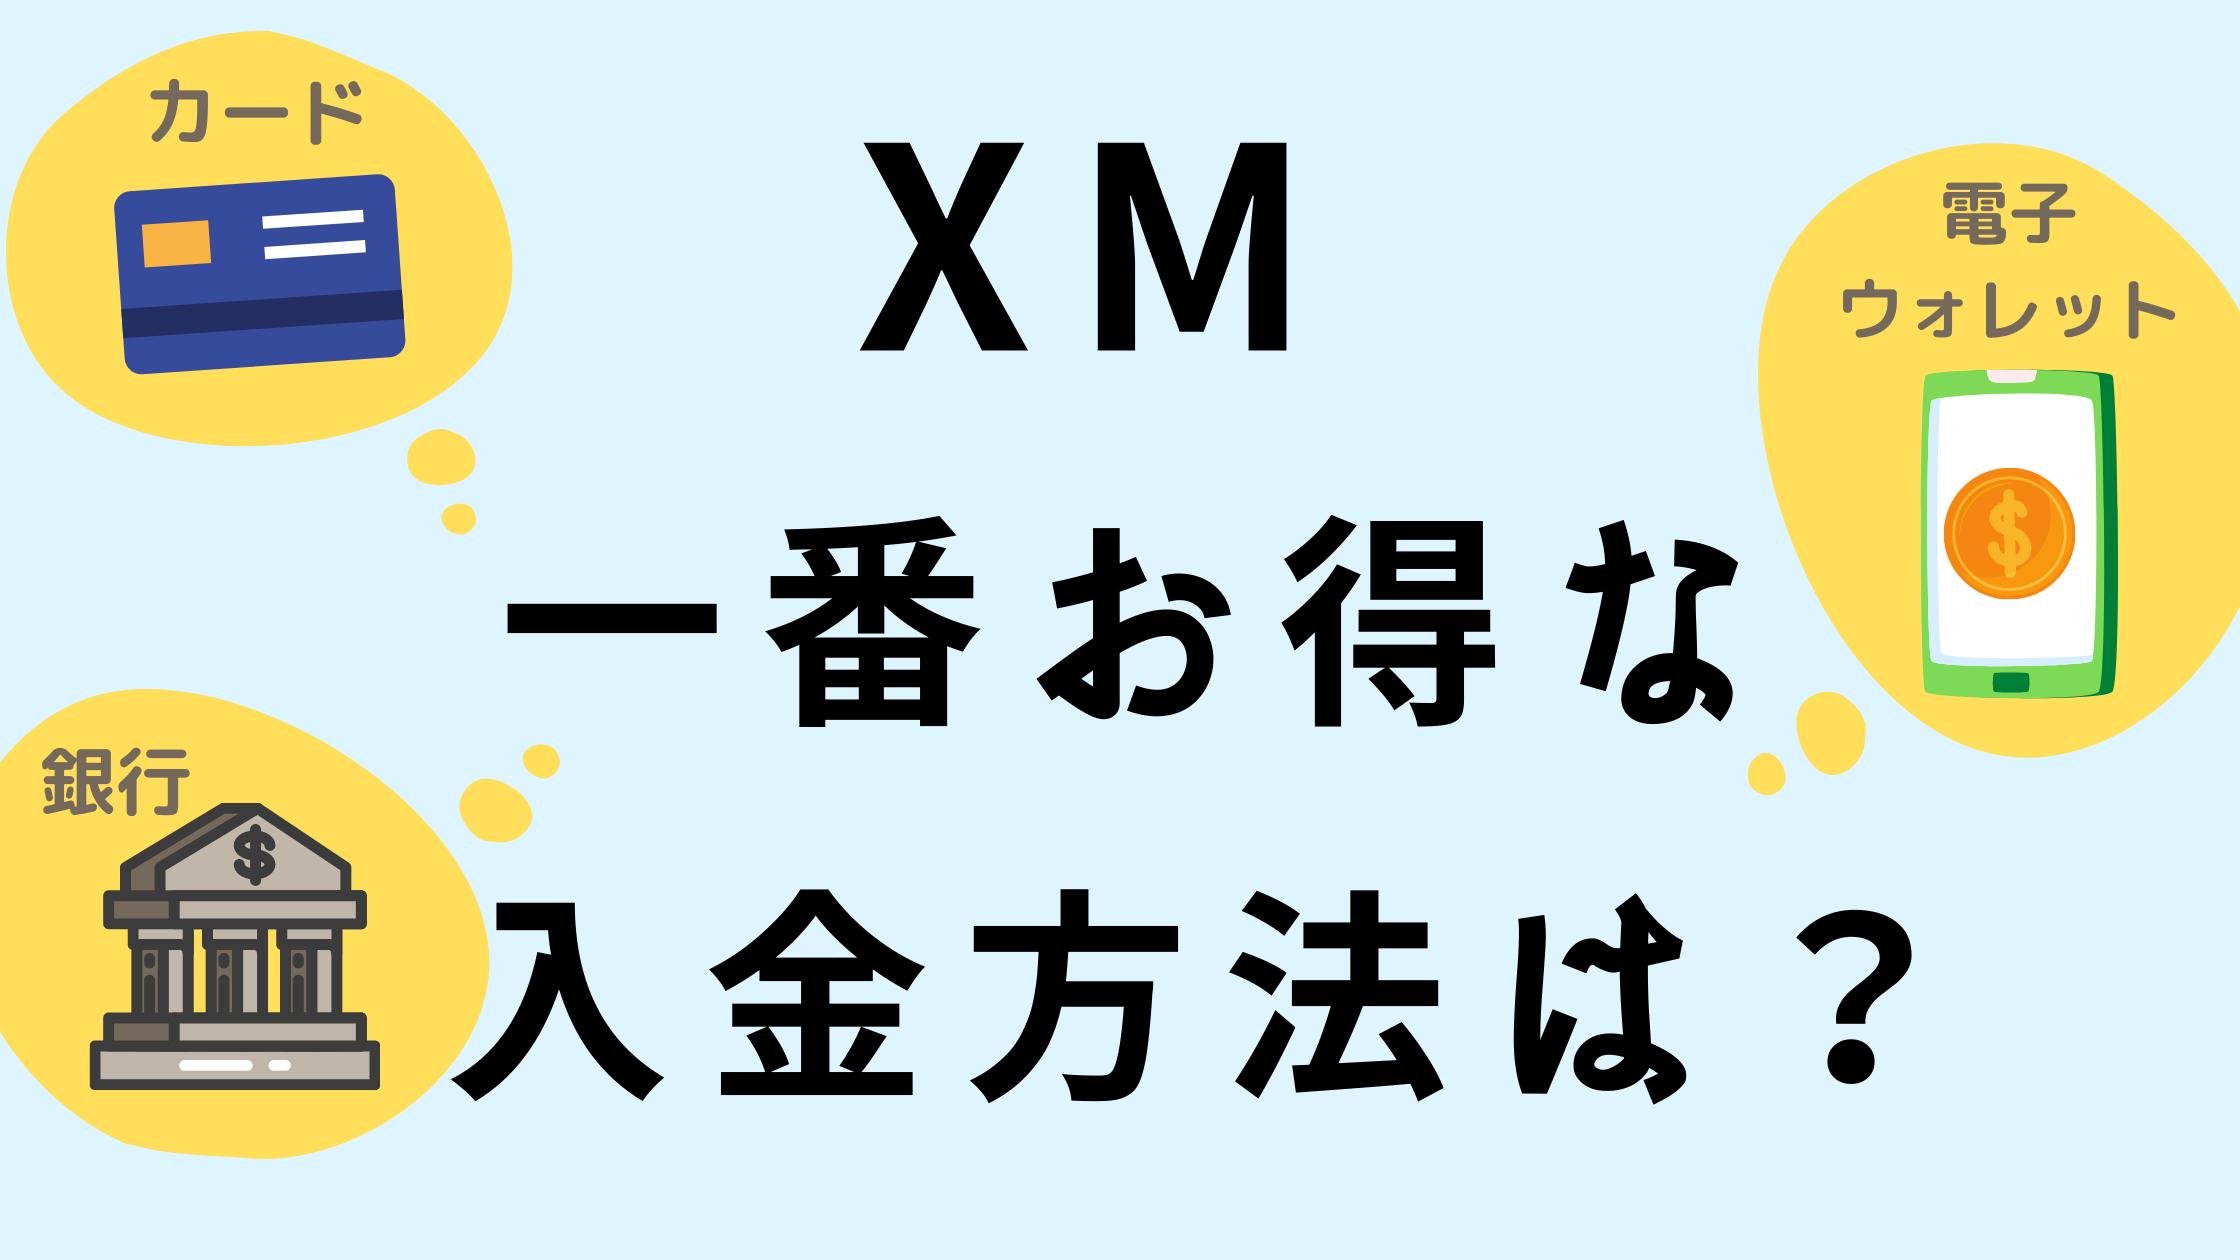 XMでもコンビニで入金可能!スマートピットってどう使うの?